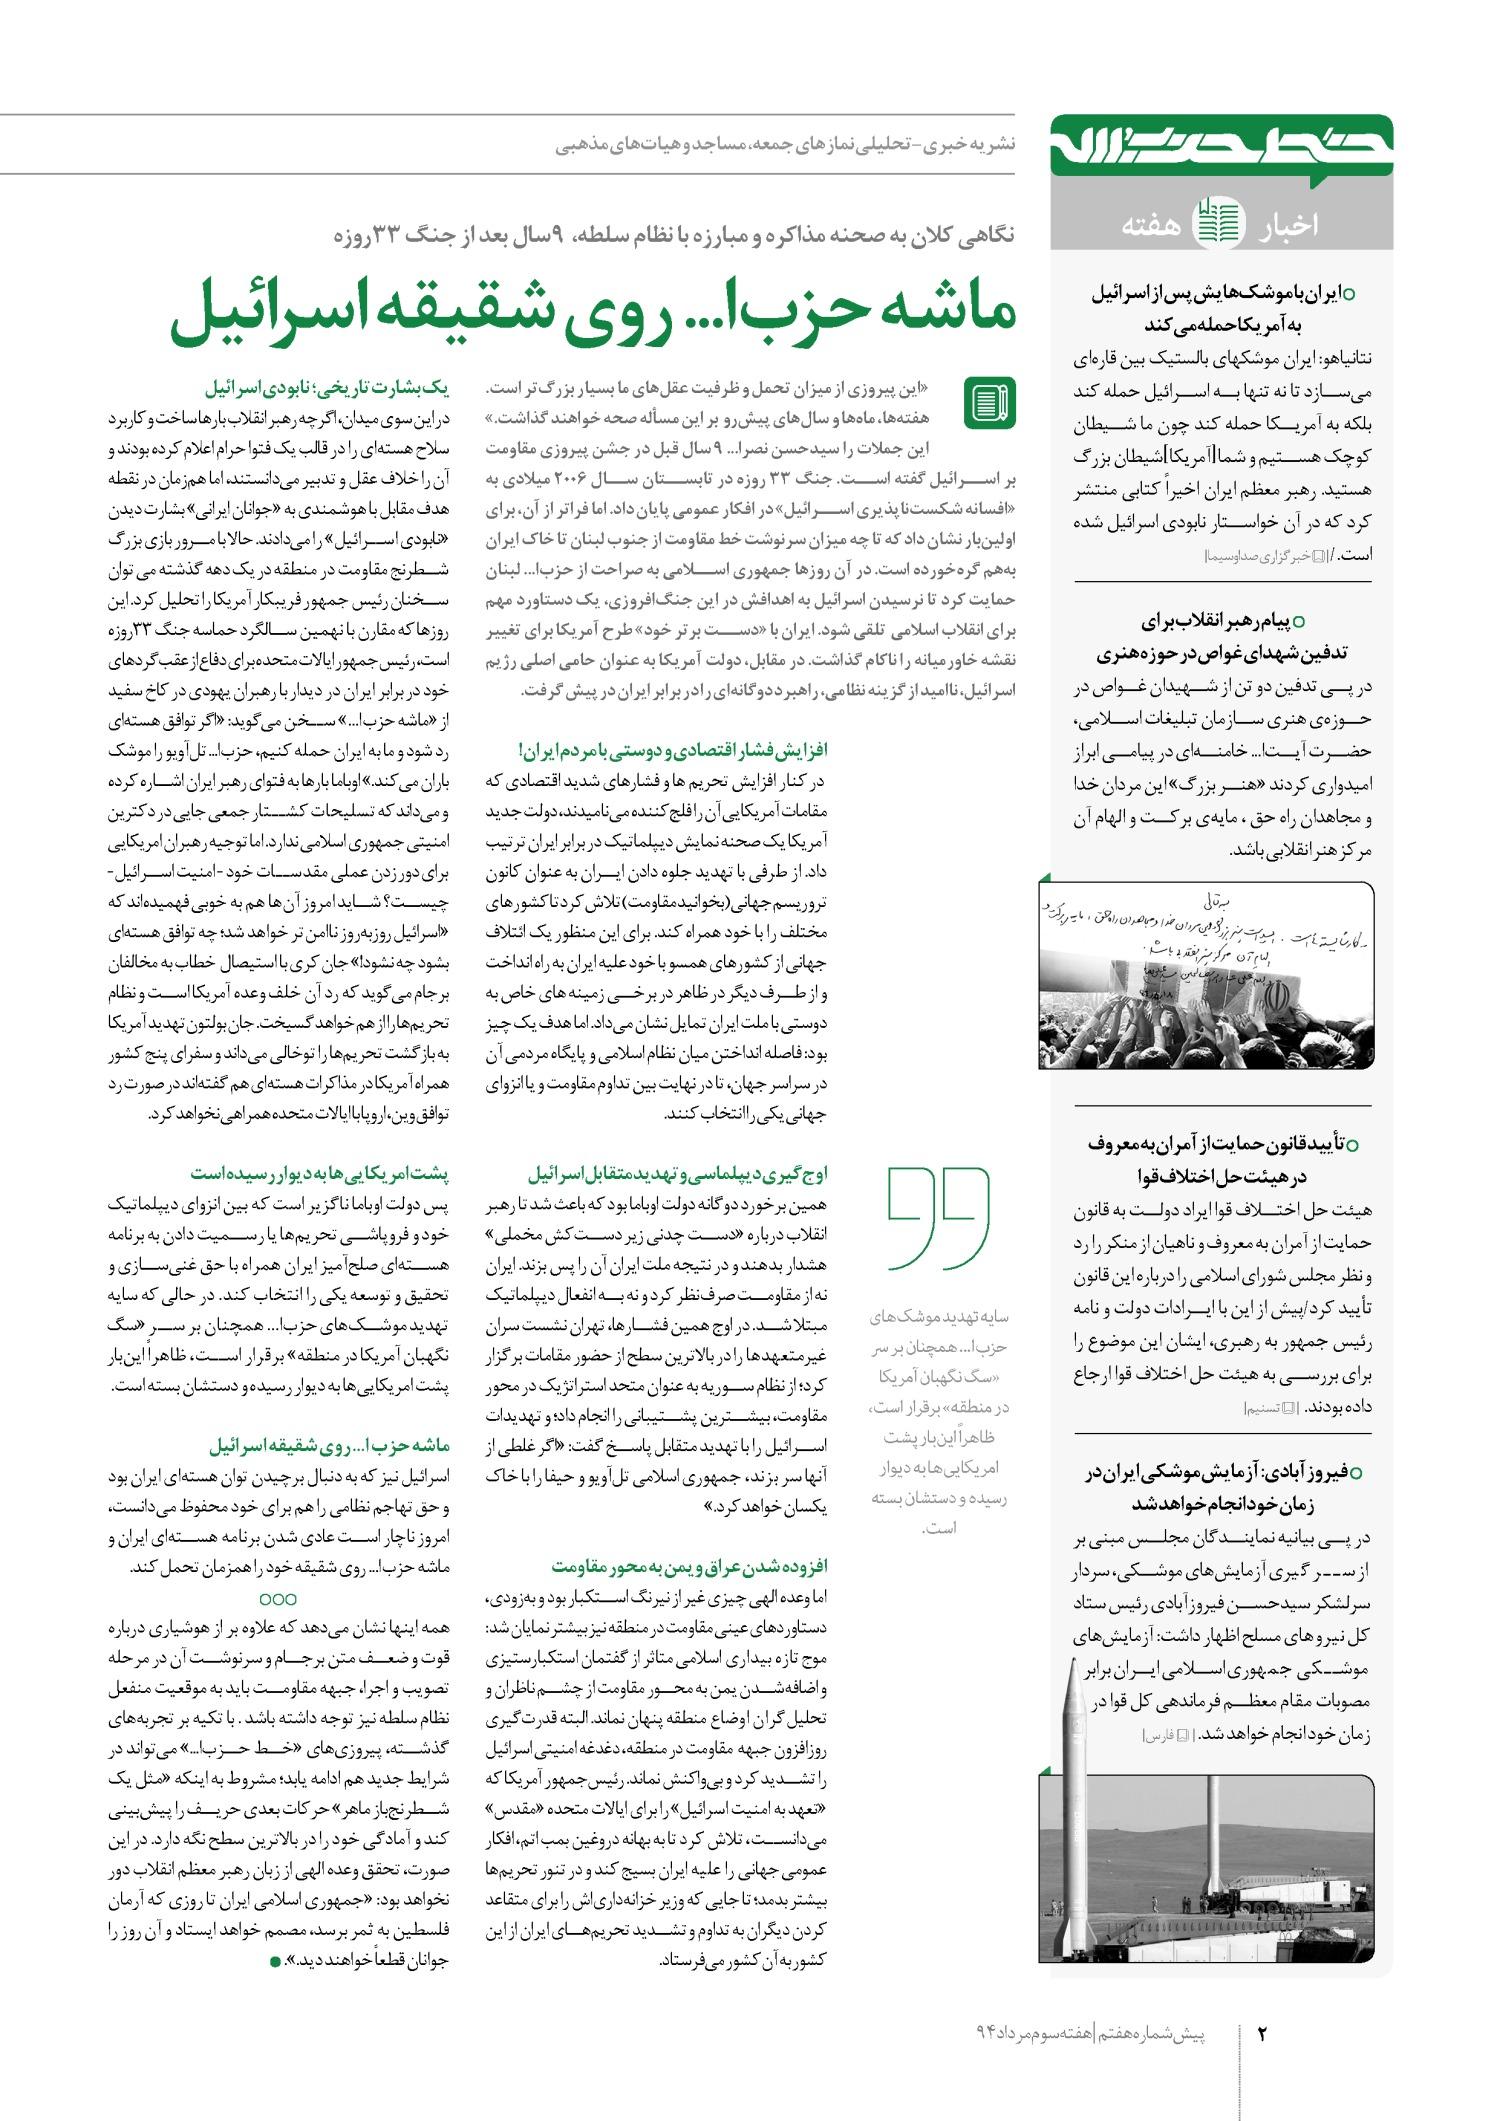 خط حزب الله -شماره پنجم خط حزب الله -پیش شماره هفتم page large 215